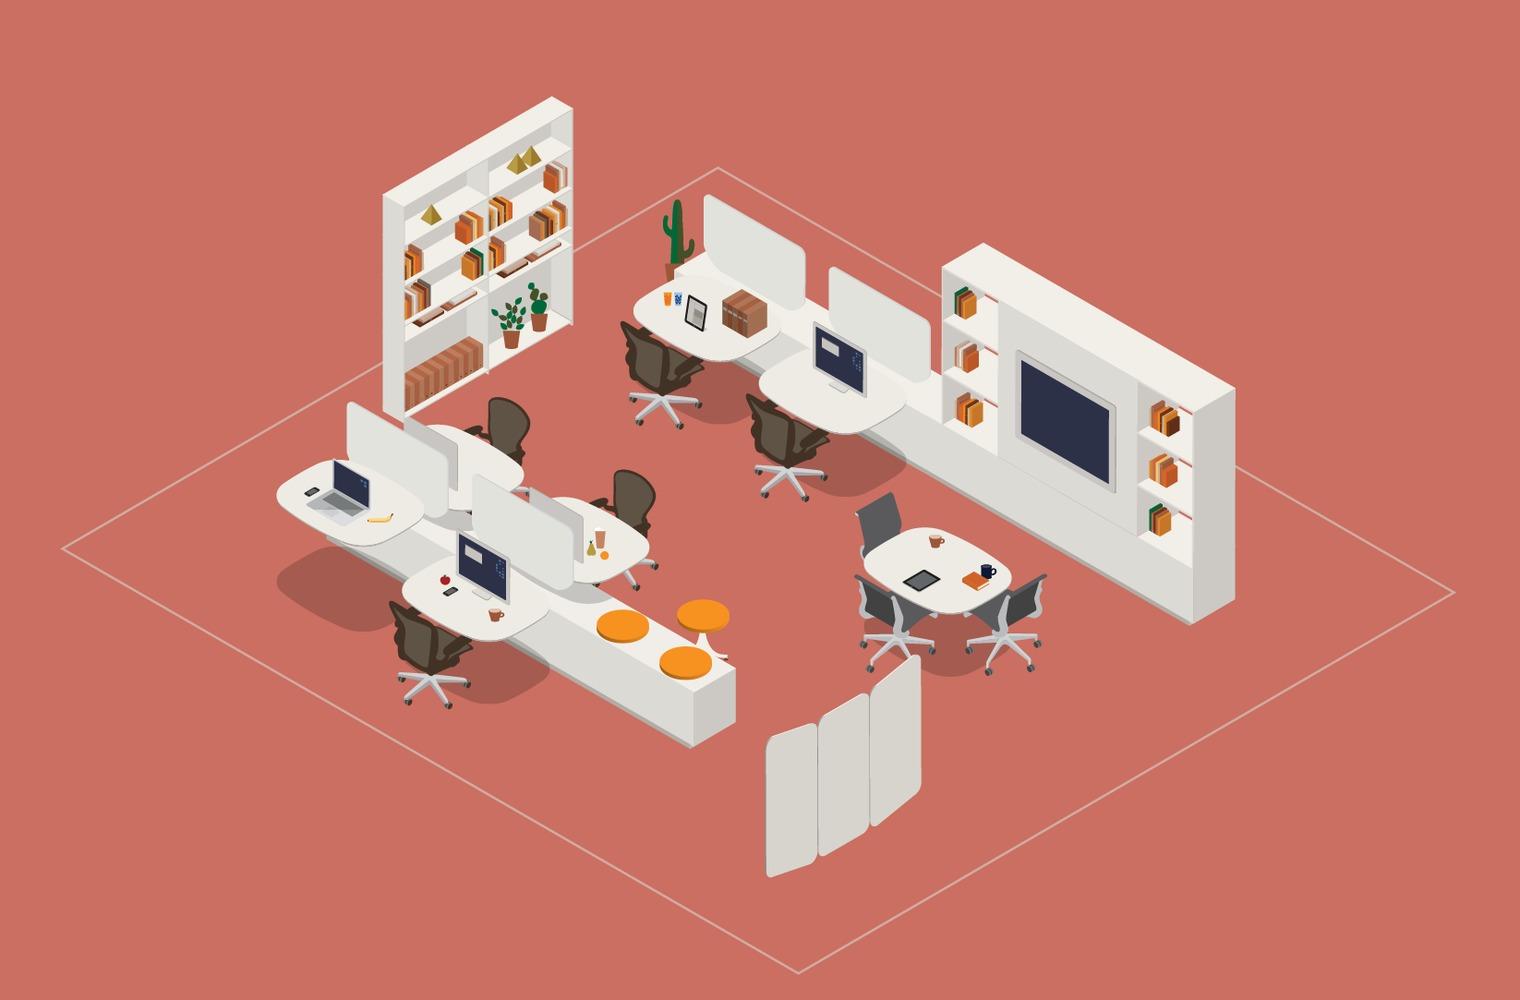 Thiết kế không gian làm việc nhóm hiệu quả với mô hình Club House